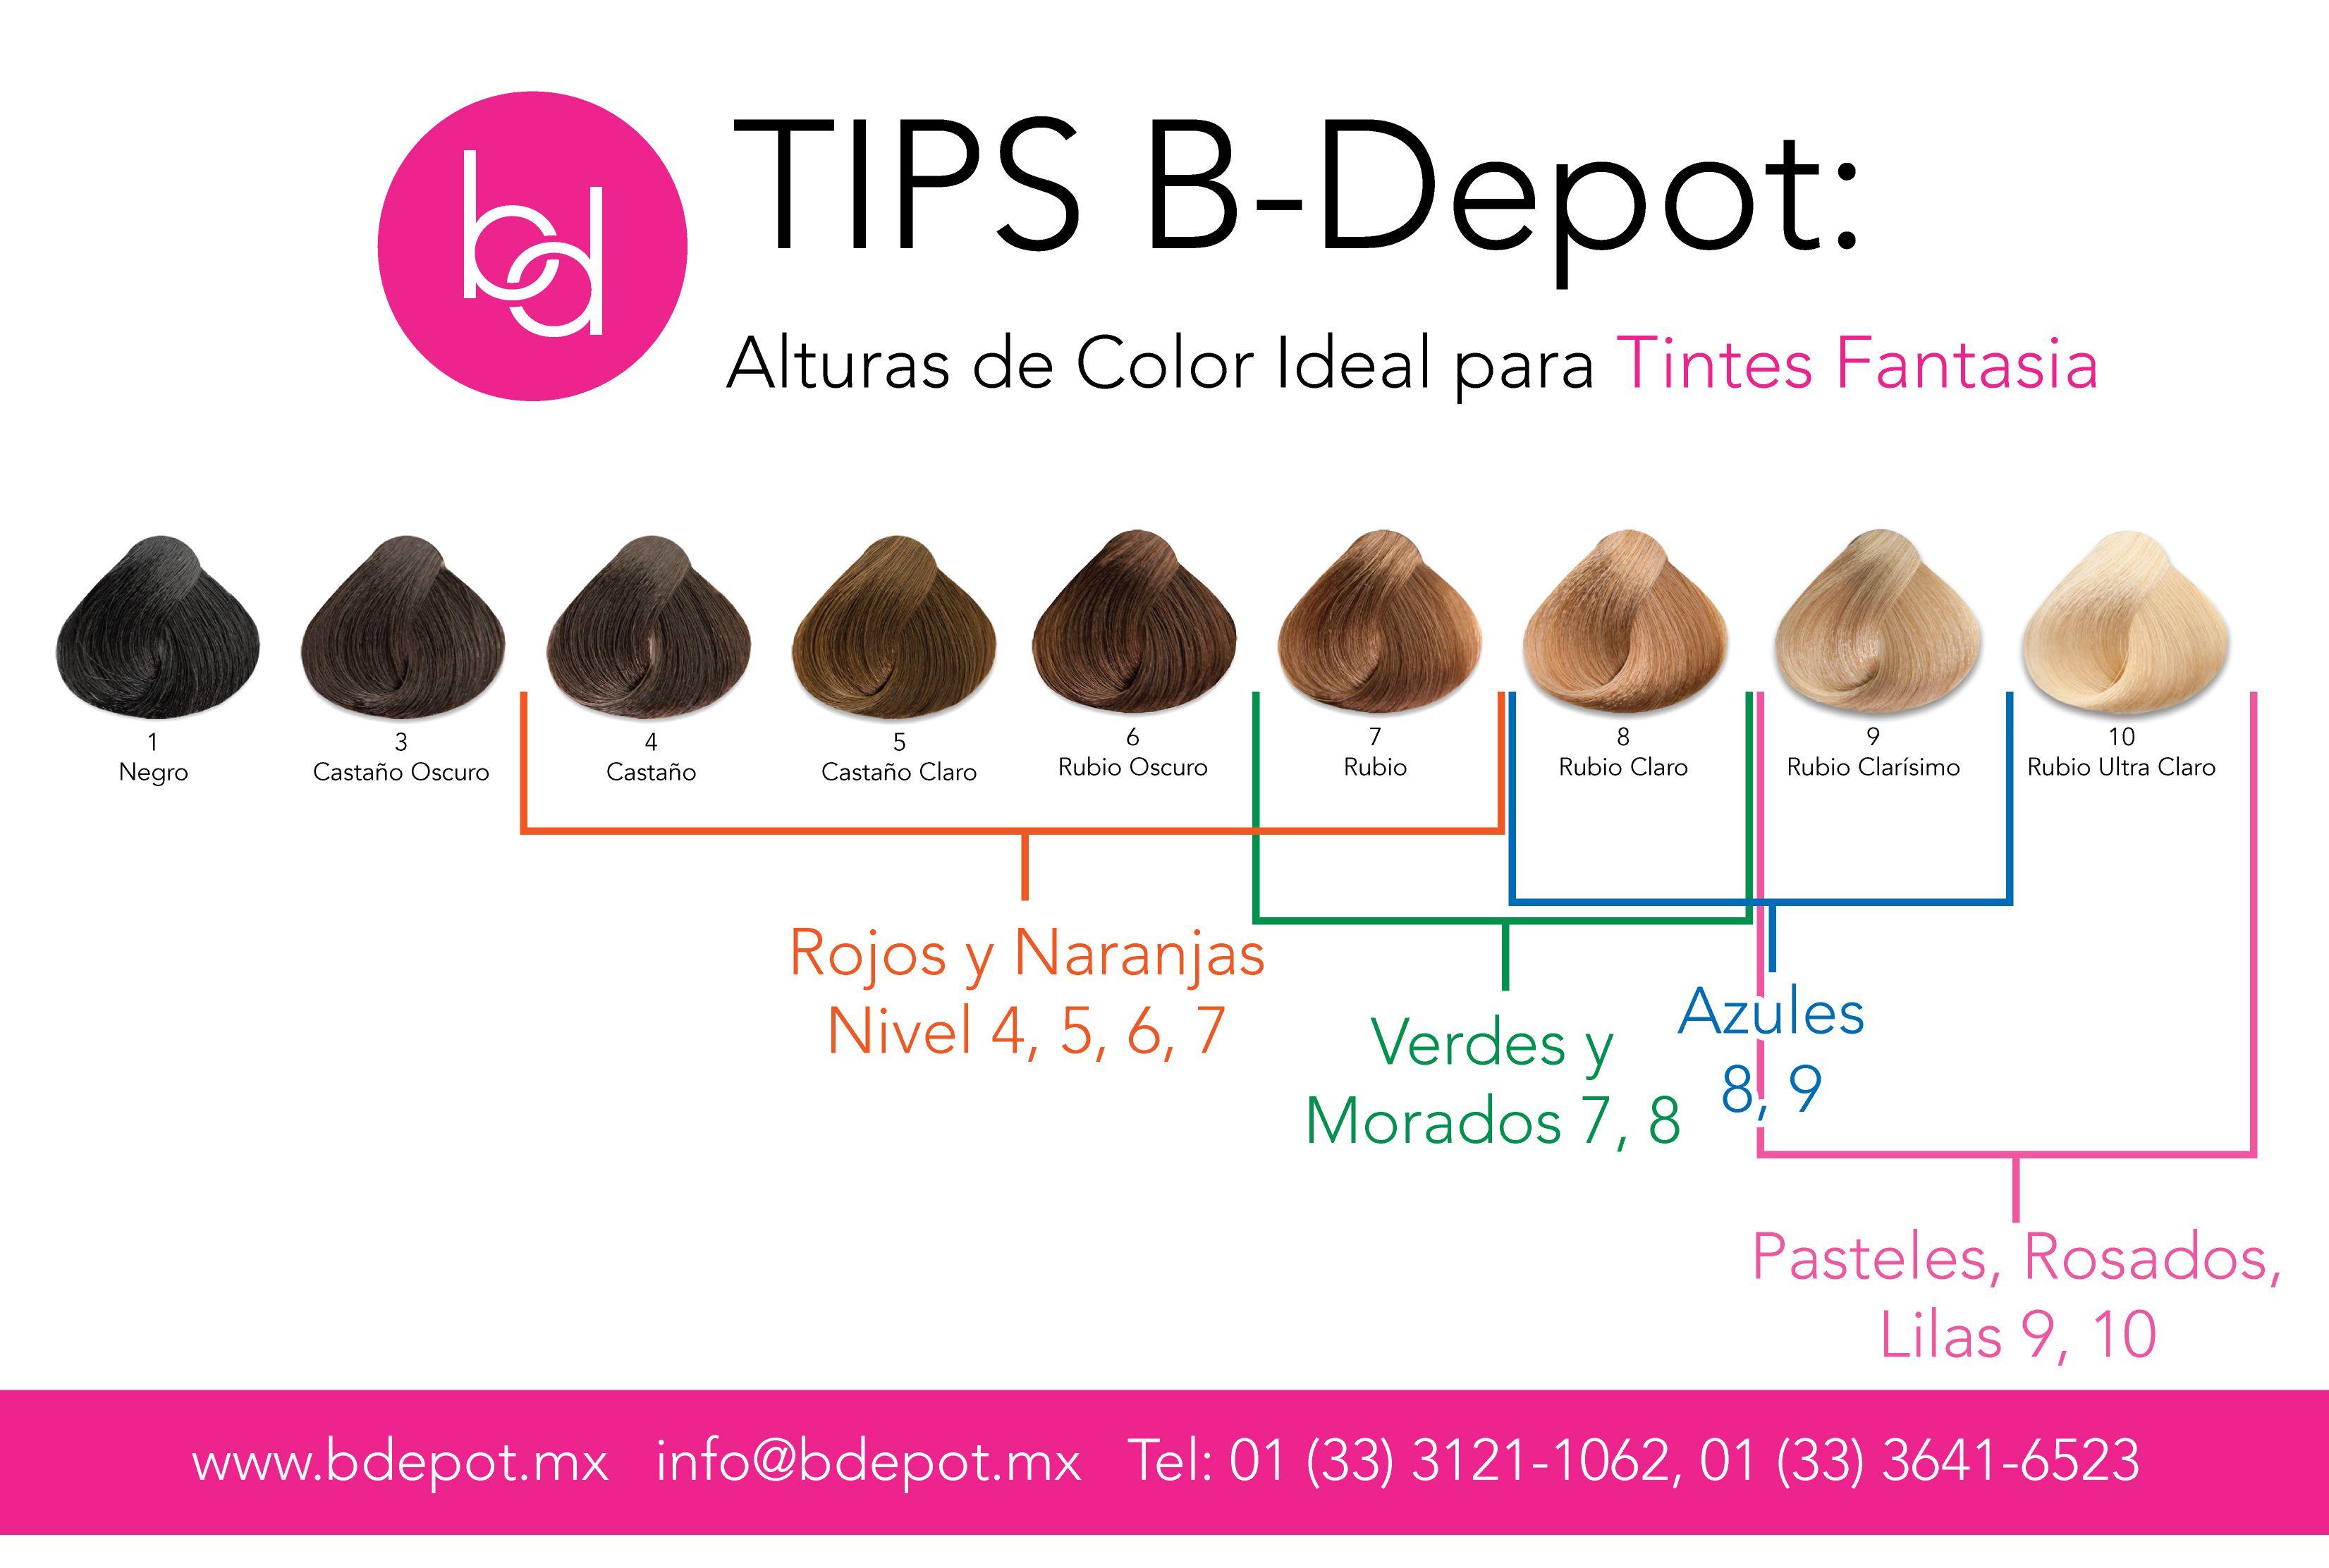 Altura De Color Fantasia Tips Cabello Bdepot Trucos Consejos Color Estilist Técnicas De Color Para Cabello Decoloración De Cabello Colorimetria Cabello